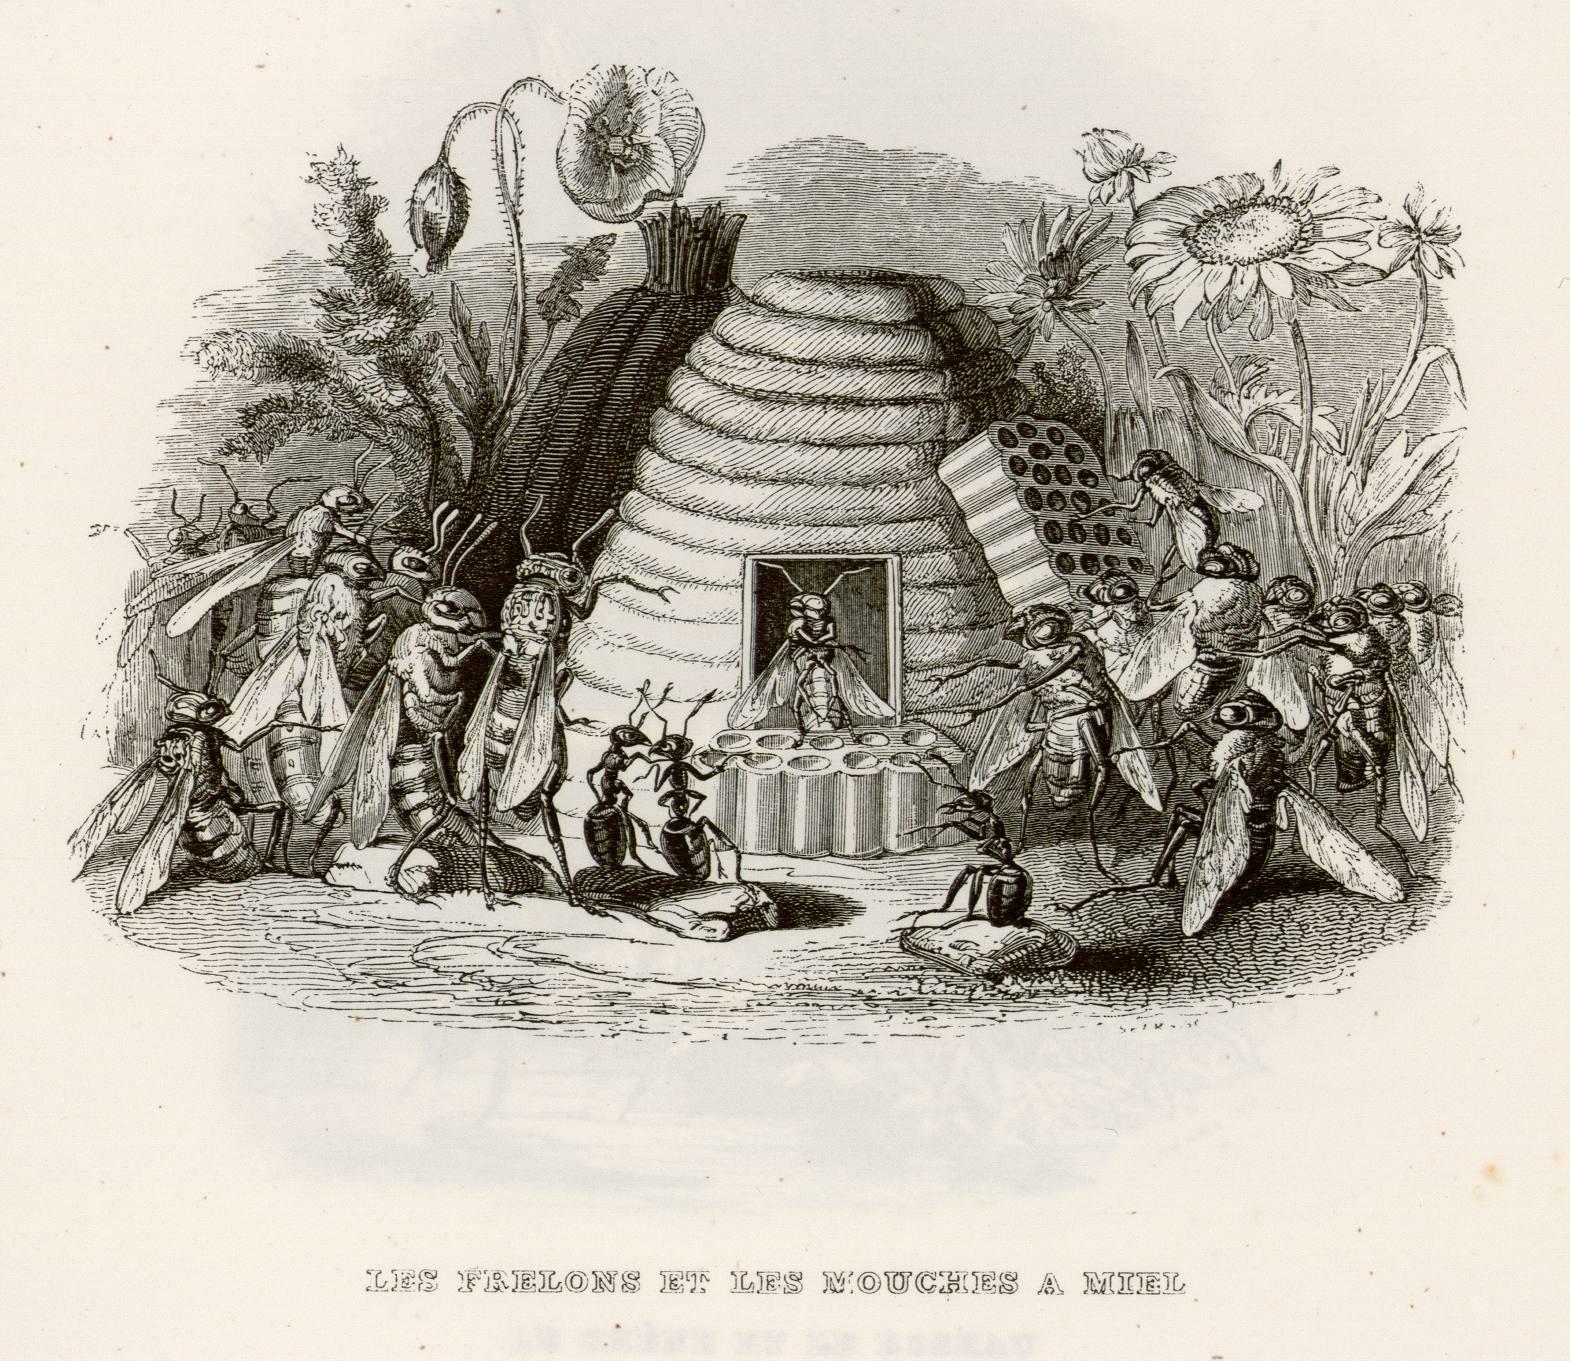 Contenu du Les frelons et les mouches à miel